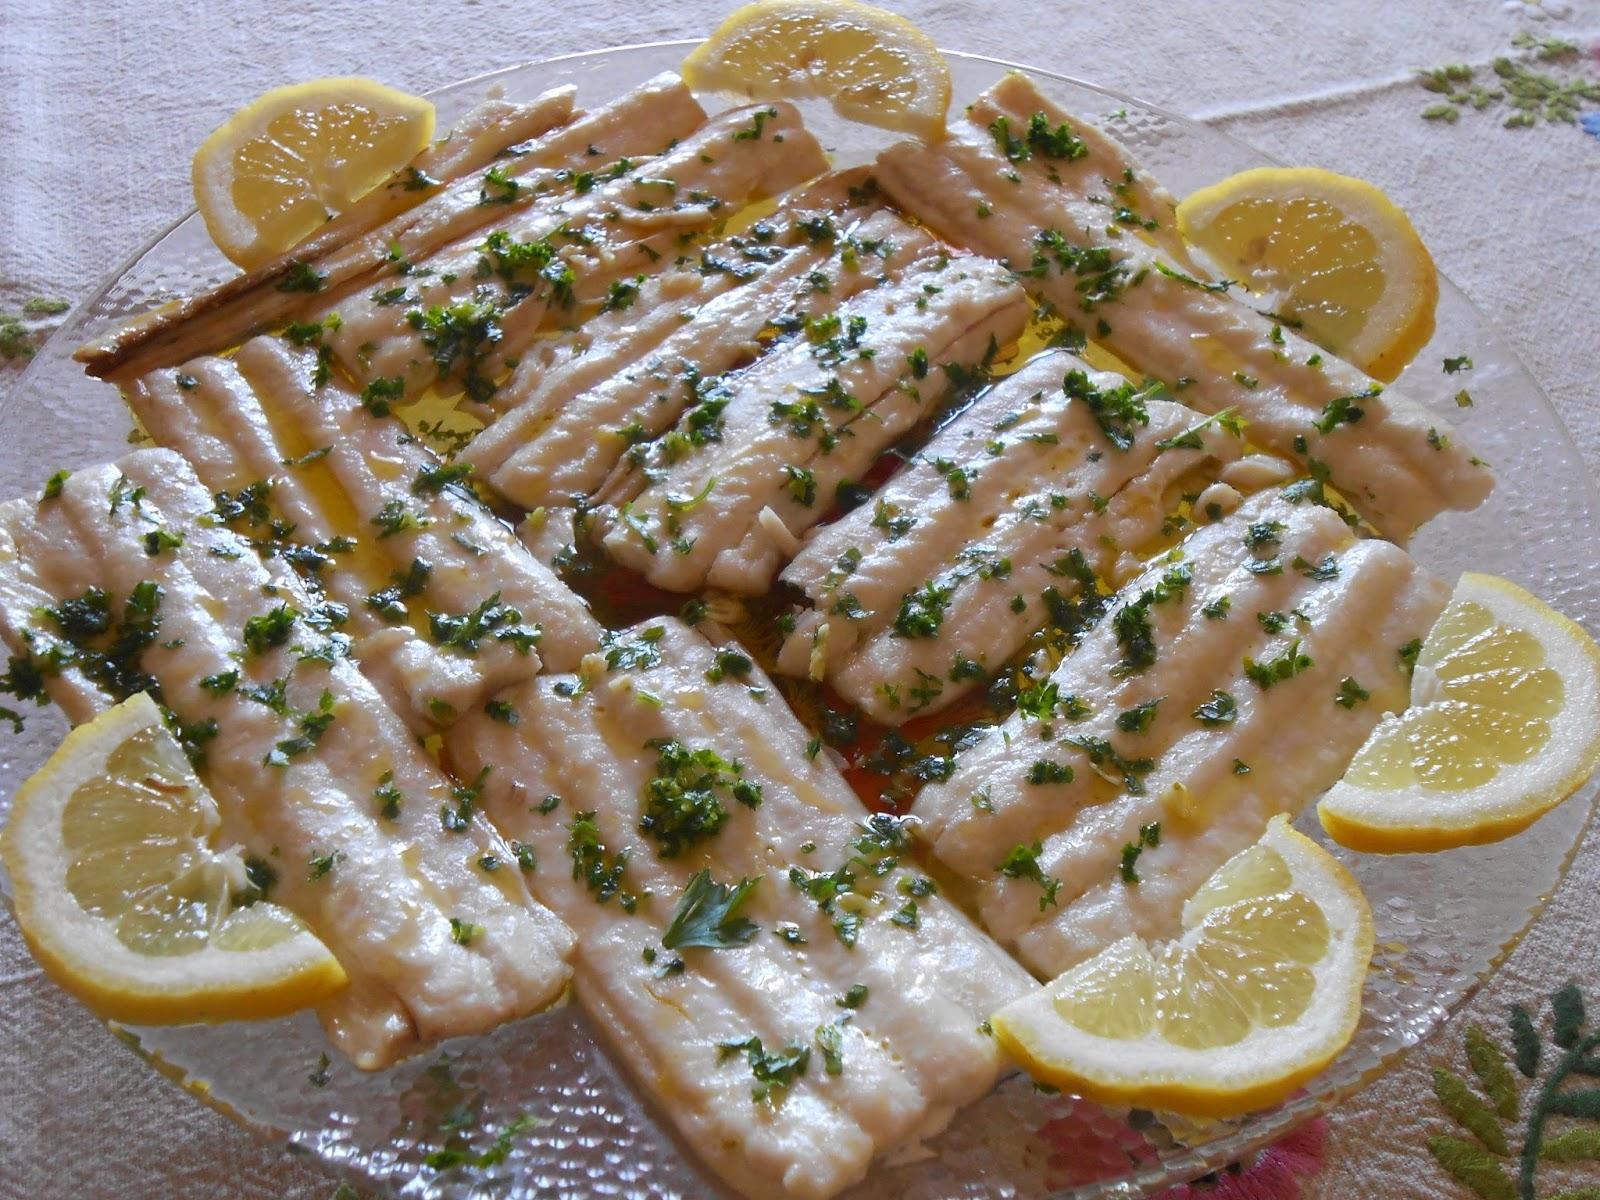 il mondo di rina: filetti di pesce spatola al limone - Cucinare Leggero